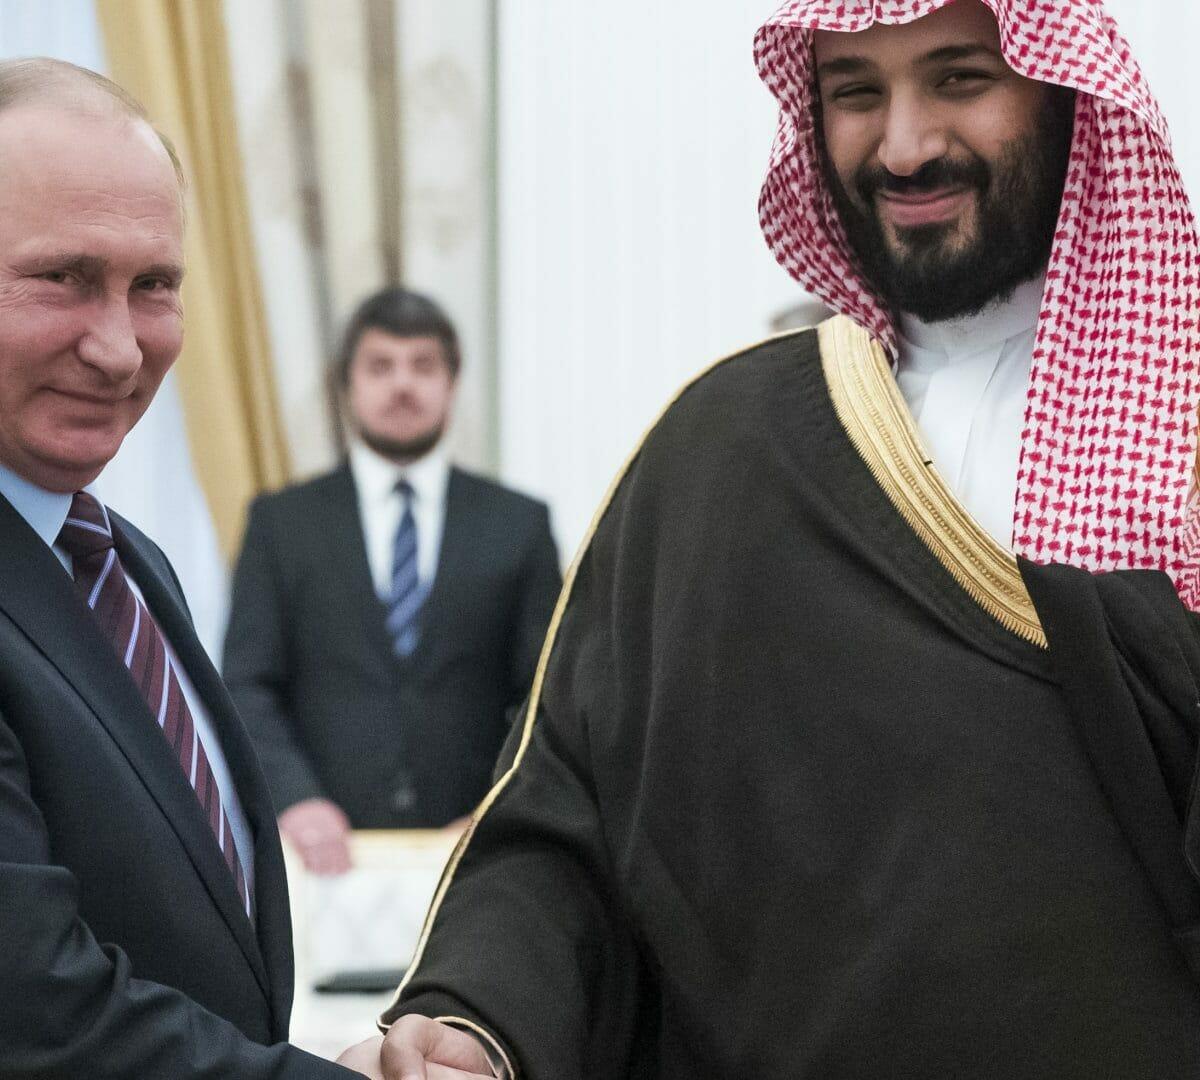 السعودية تفكر في شراء أسلحة روسية